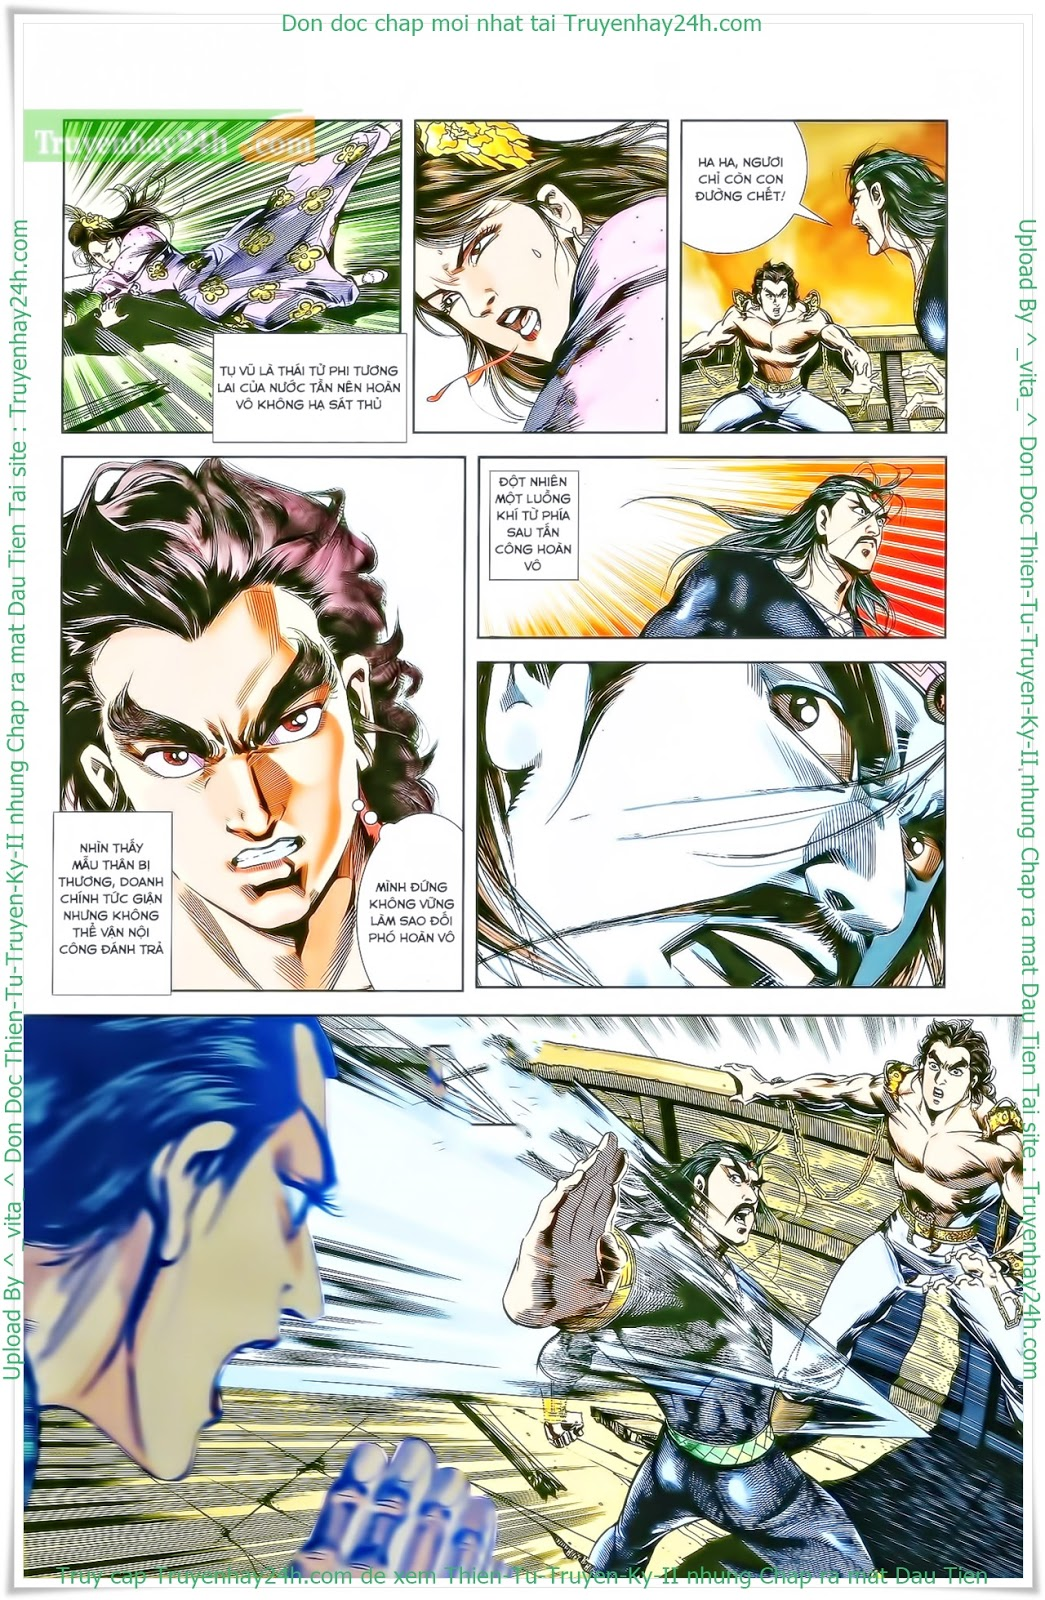 Tần Vương Doanh Chính chapter 27 trang 24